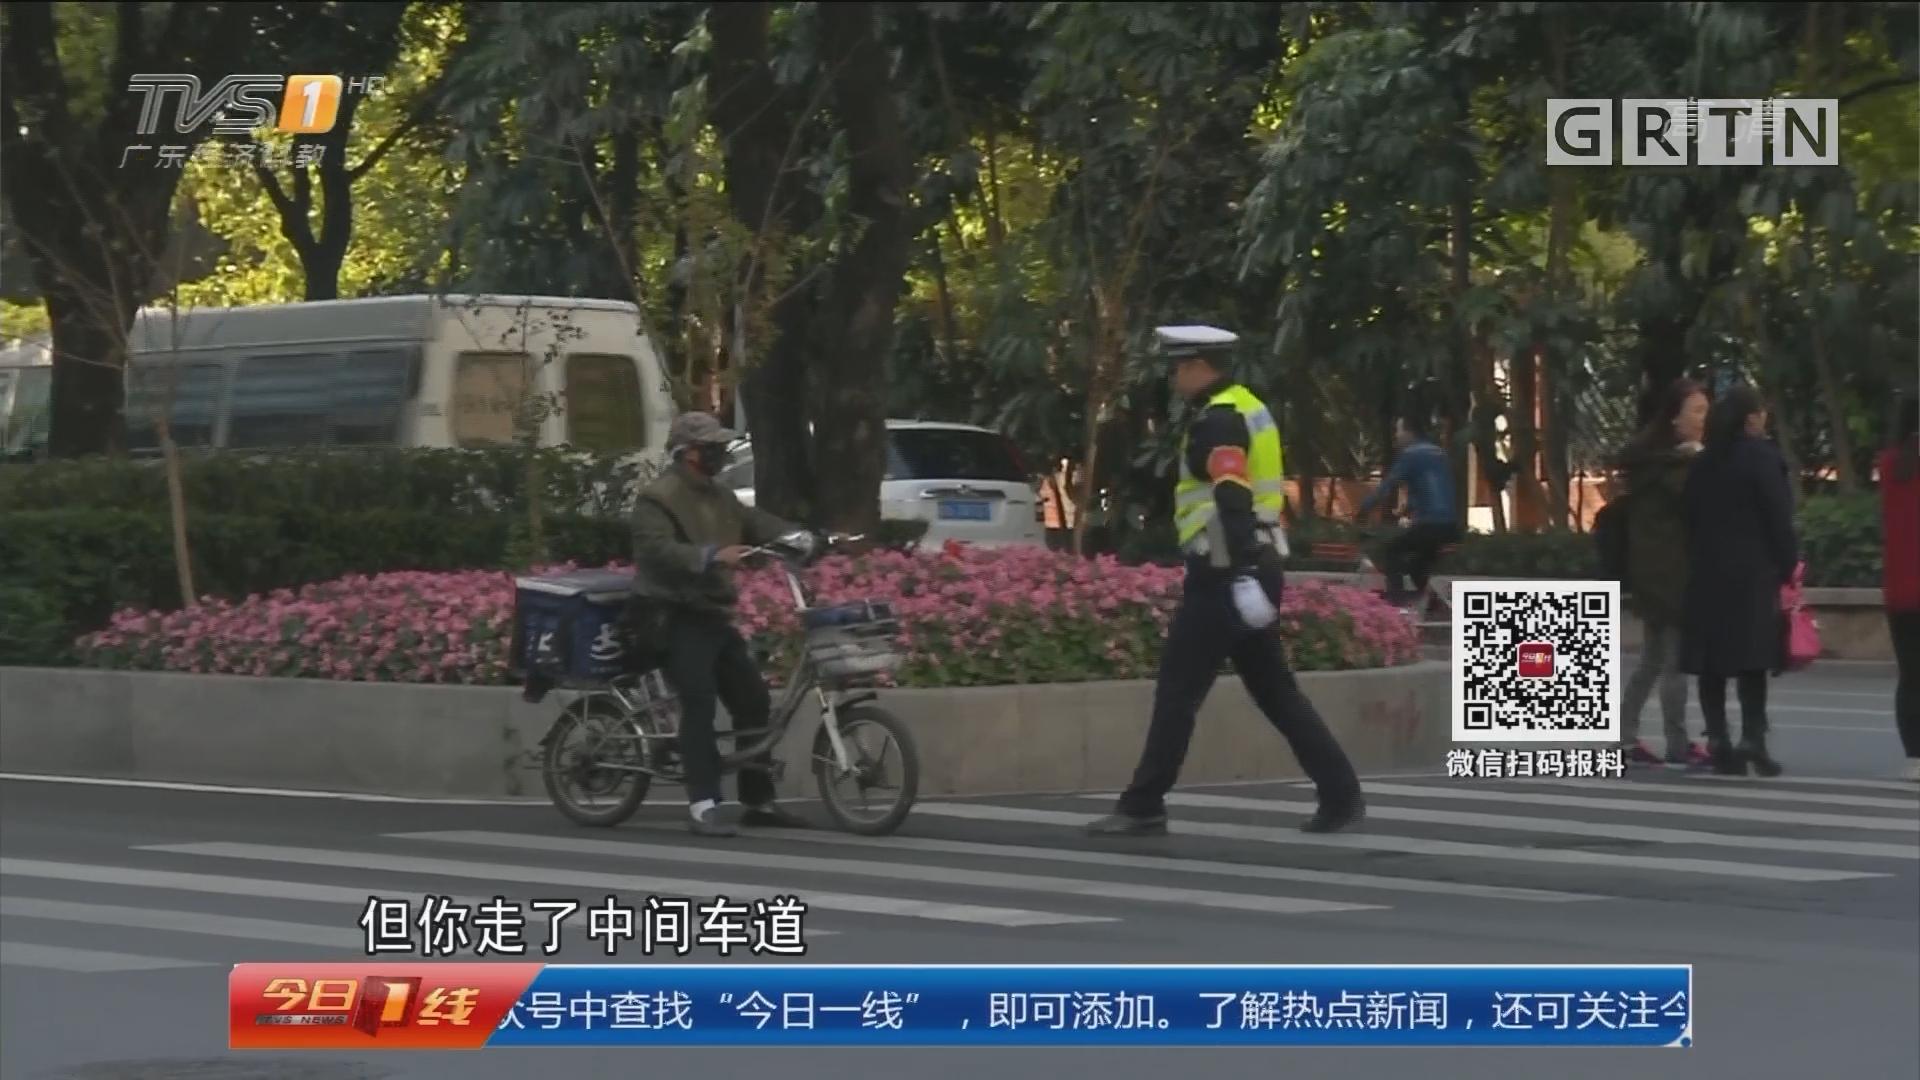 广州:外卖小哥交通违法 信息将录入大数据